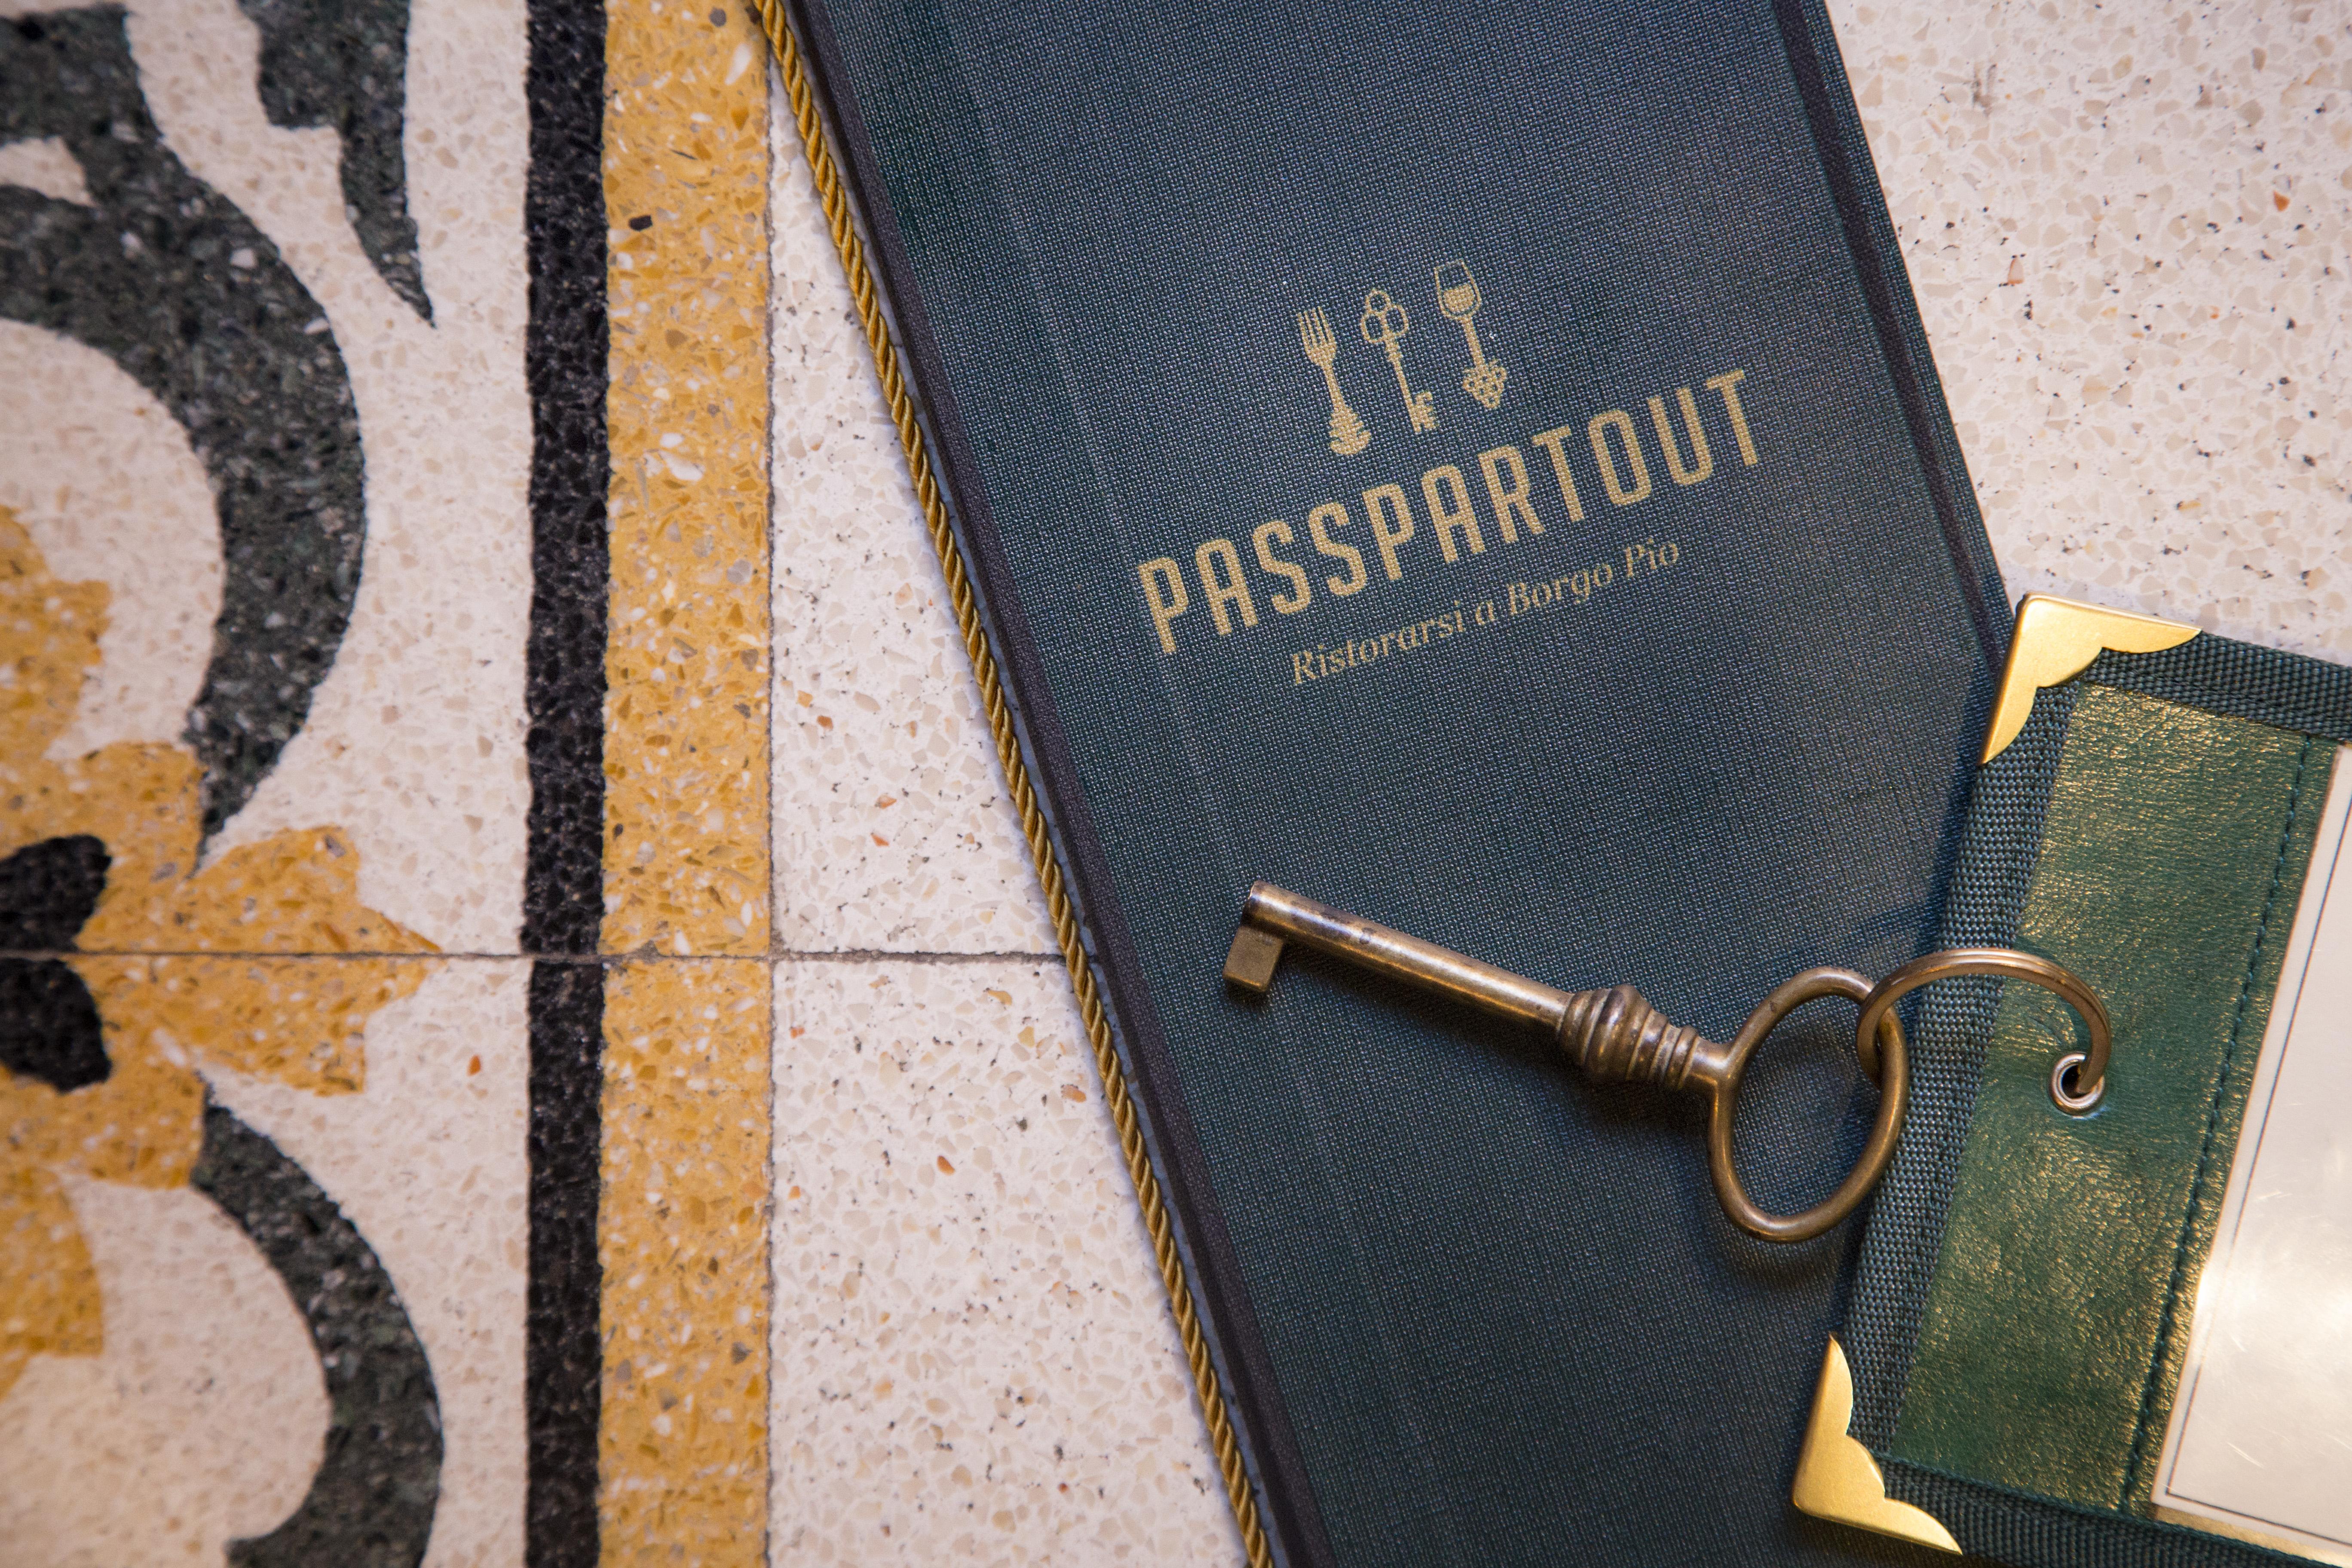 Passpartout – Giardino, tradizione e brace a Borgo Pio